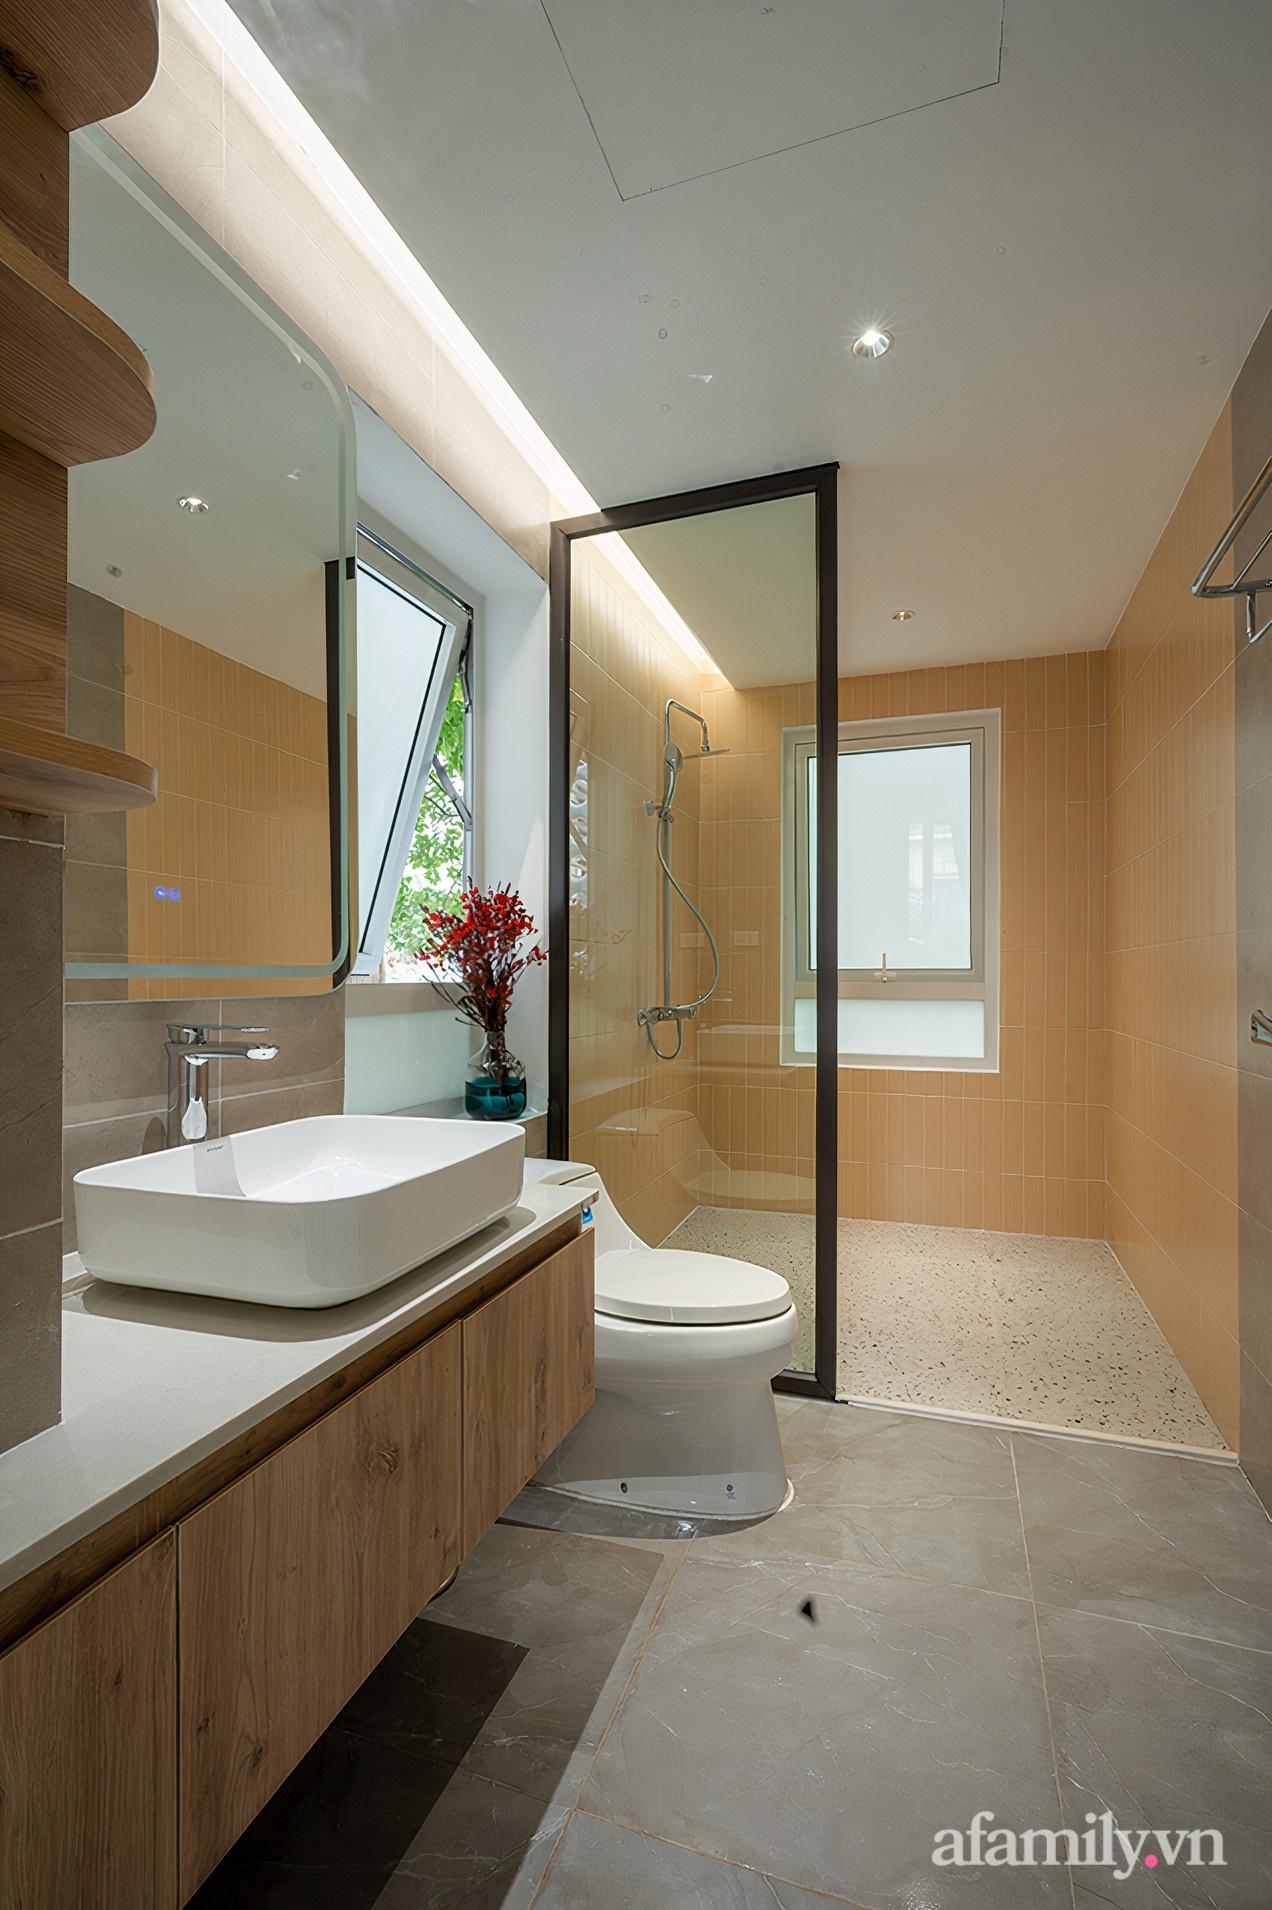 Cải tạo căn nhà 200m² xuống cấp, bí bách thành không gian sang trọng, tiện nghi ở Hà Nội - Ảnh 21.